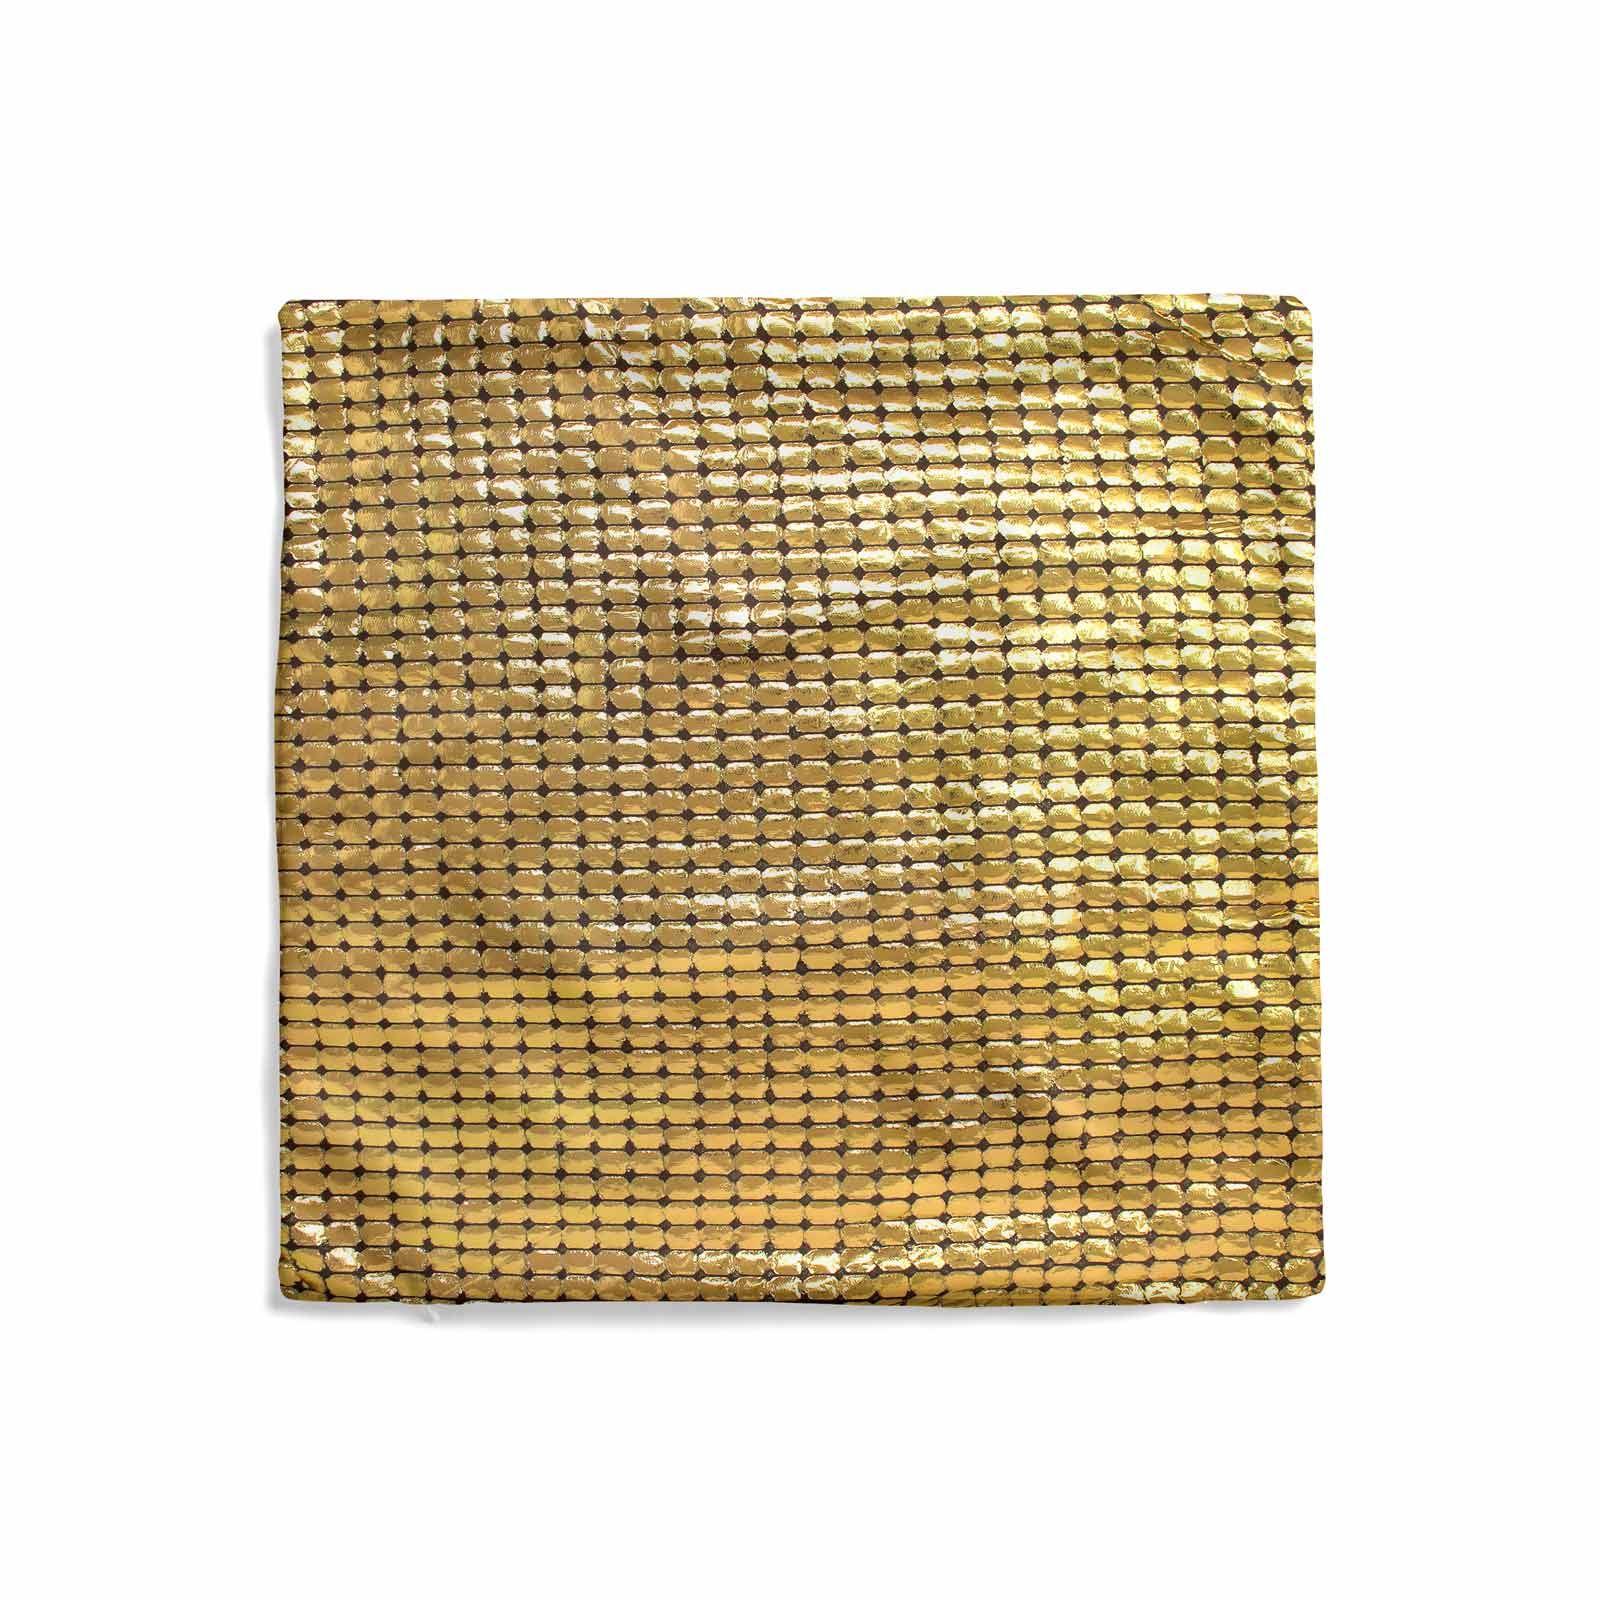 Impresion-de-lamina-metalica-Moderno-Funda-De-Cojin-Almohadon-cubiertas-de-cojines-18-034-X-18-034 miniatura 16